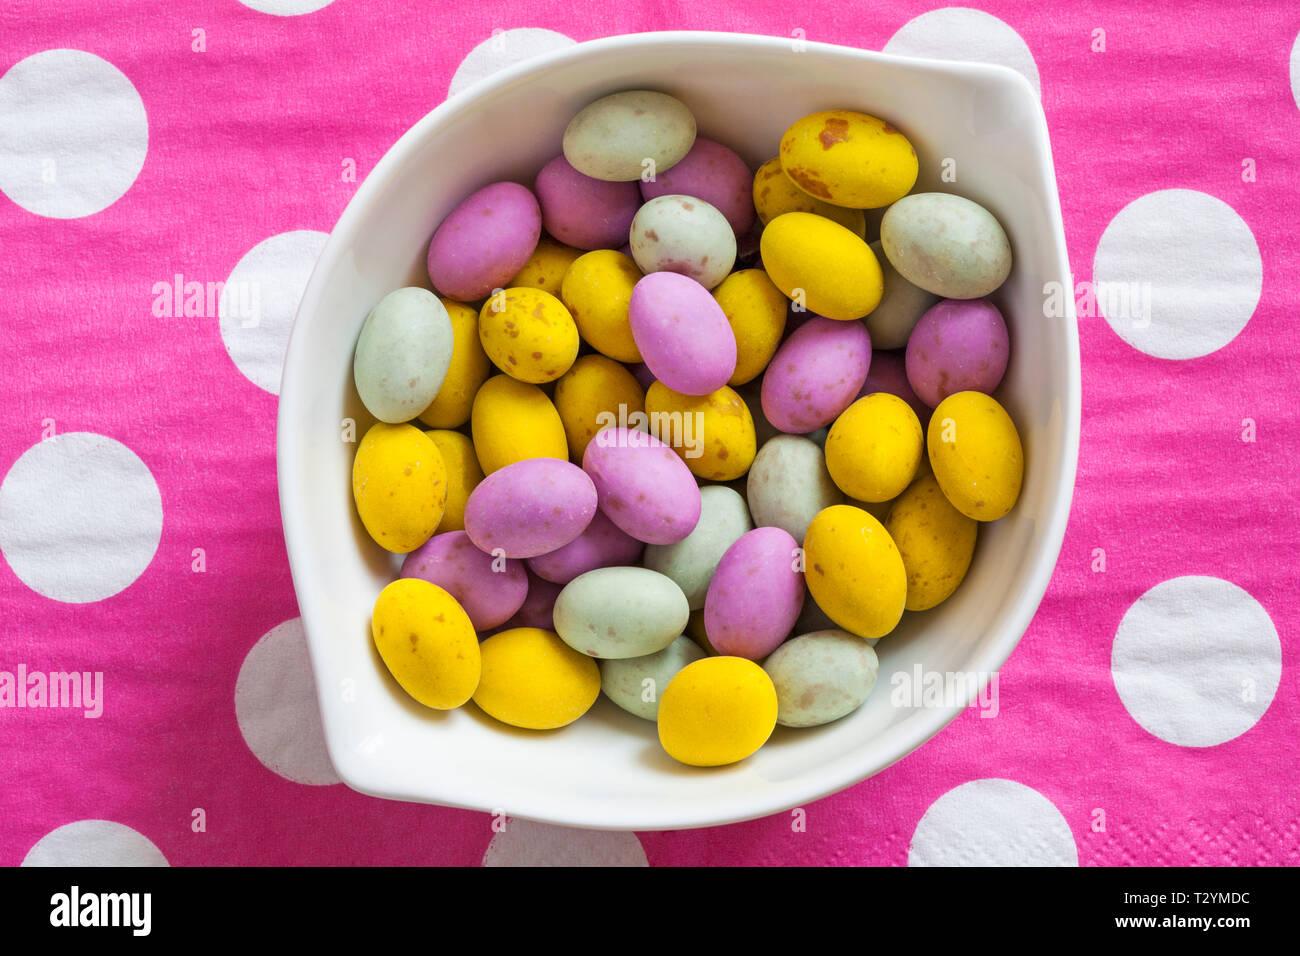 Chiazzato Egglets Nella Ciotola In Rosa E Bianco A Pois Sfondo